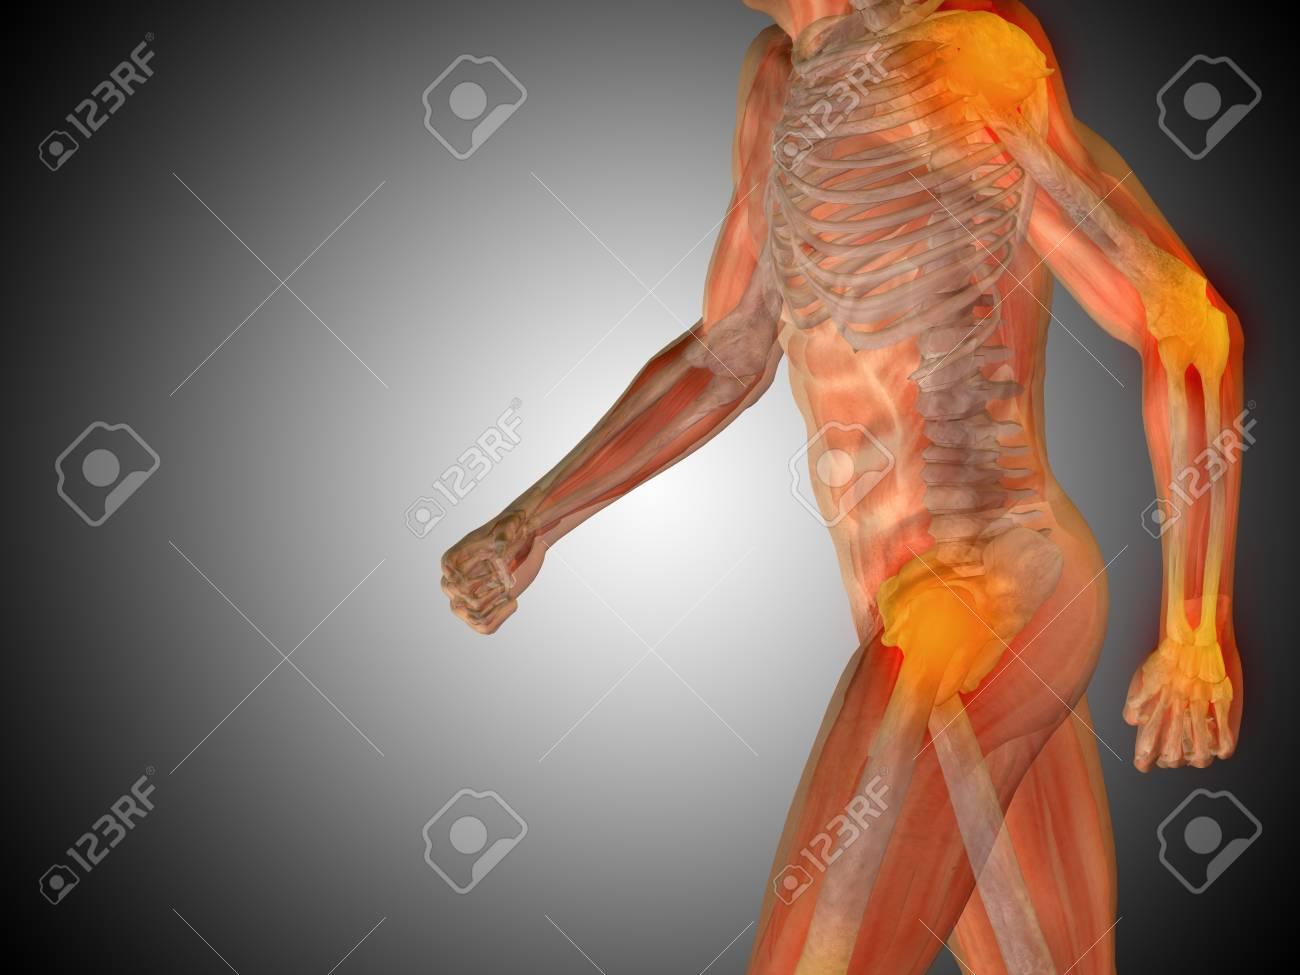 Niedlich Körperanatomie Bilder Ideen - Menschliche Anatomie Bilder ...